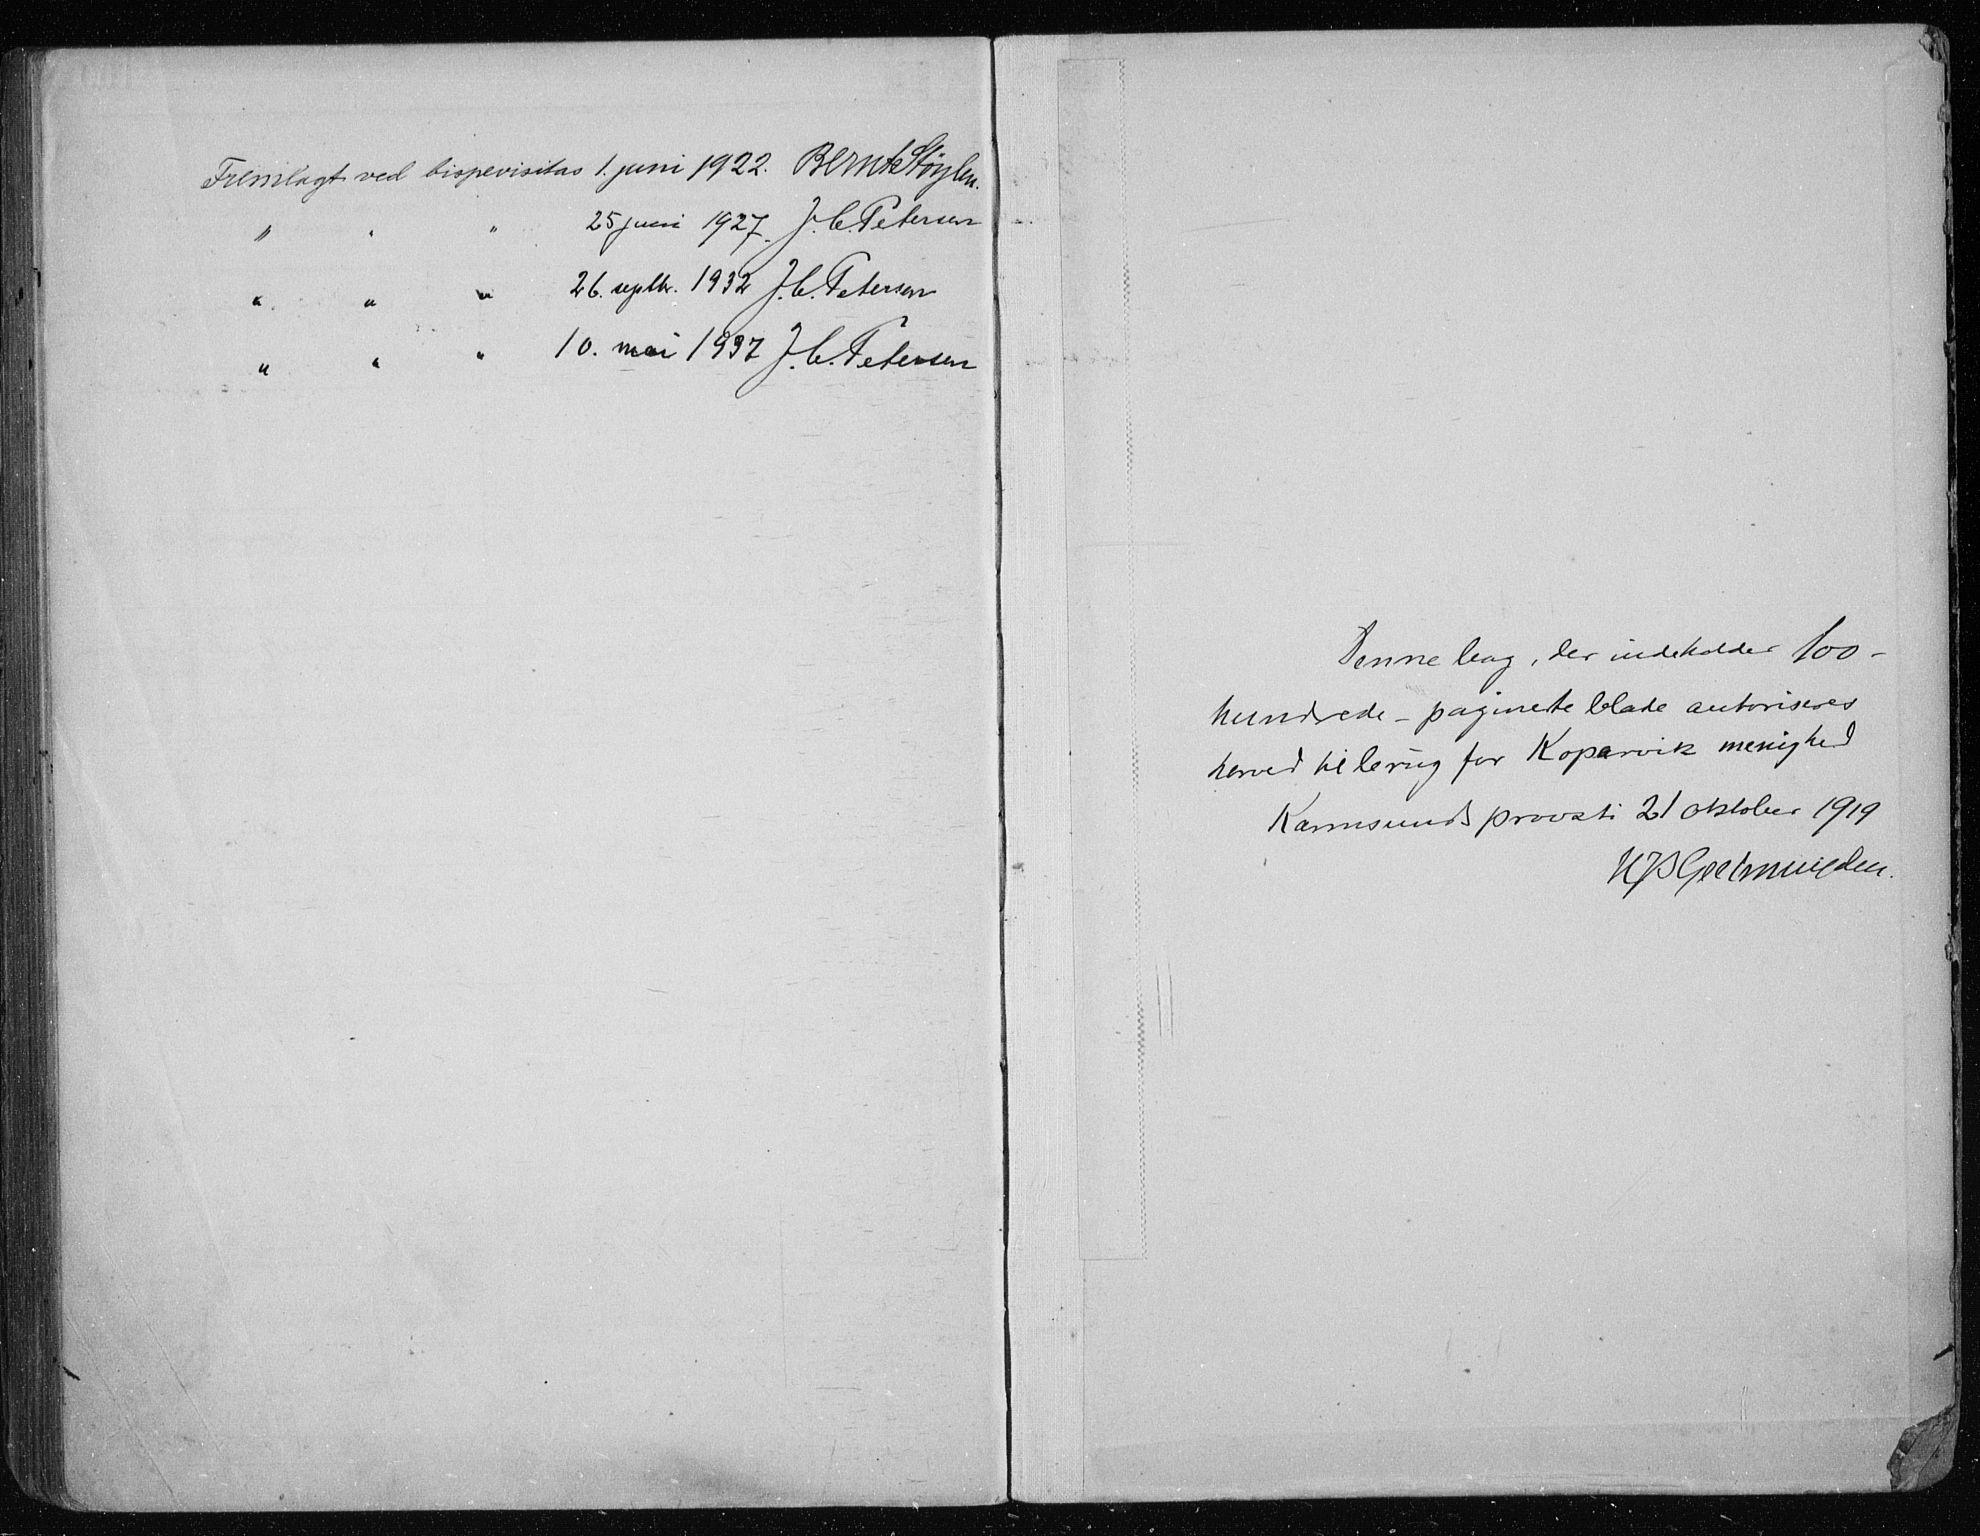 SAST, Kopervik sokneprestkontor, I/Ie/L0001: Lysningsprotokoll nr. 1, 1919-1940